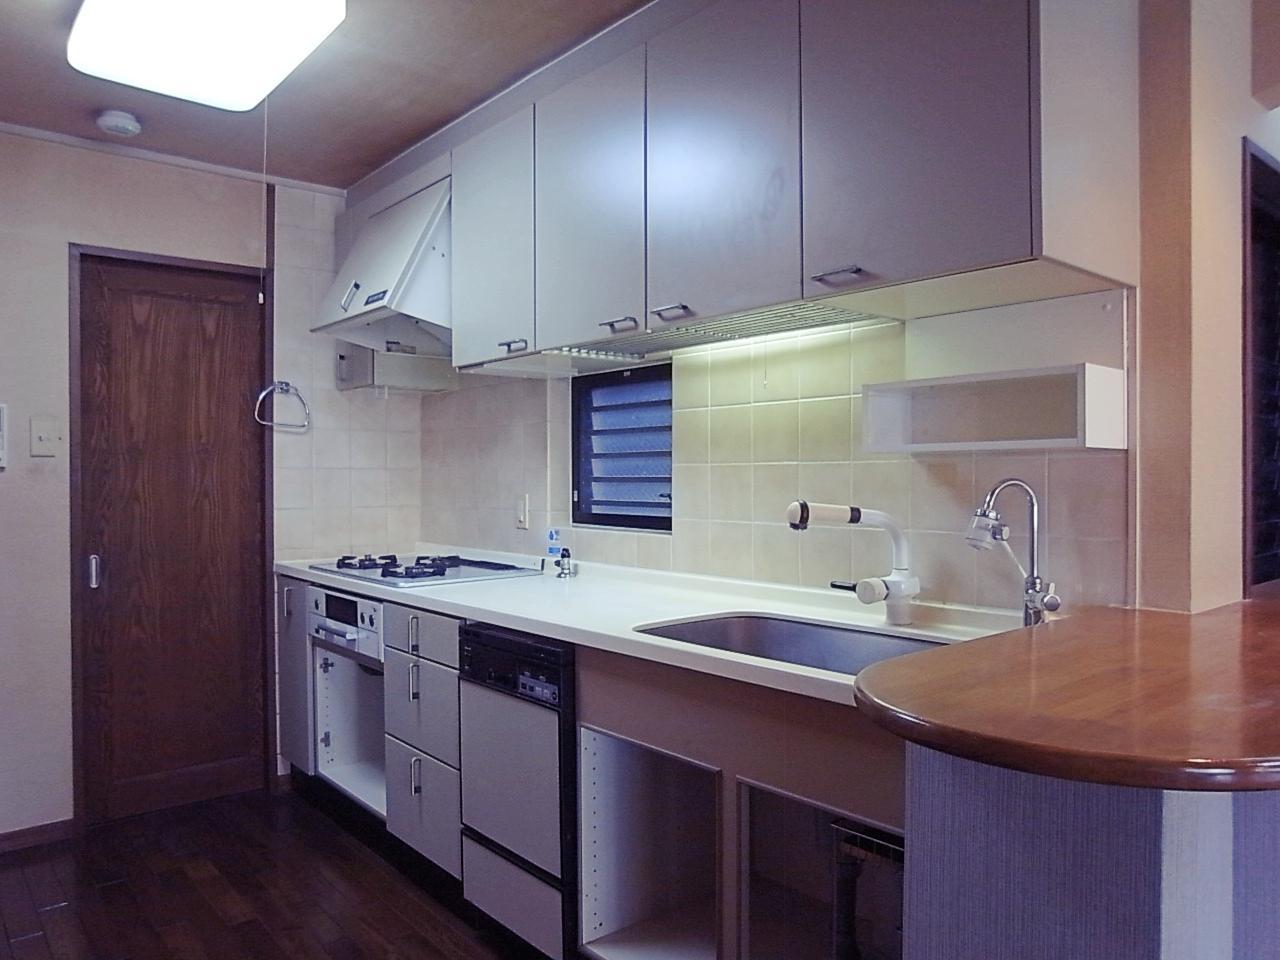 キッチンの奥はパントリー的に使えそうなスペースも。